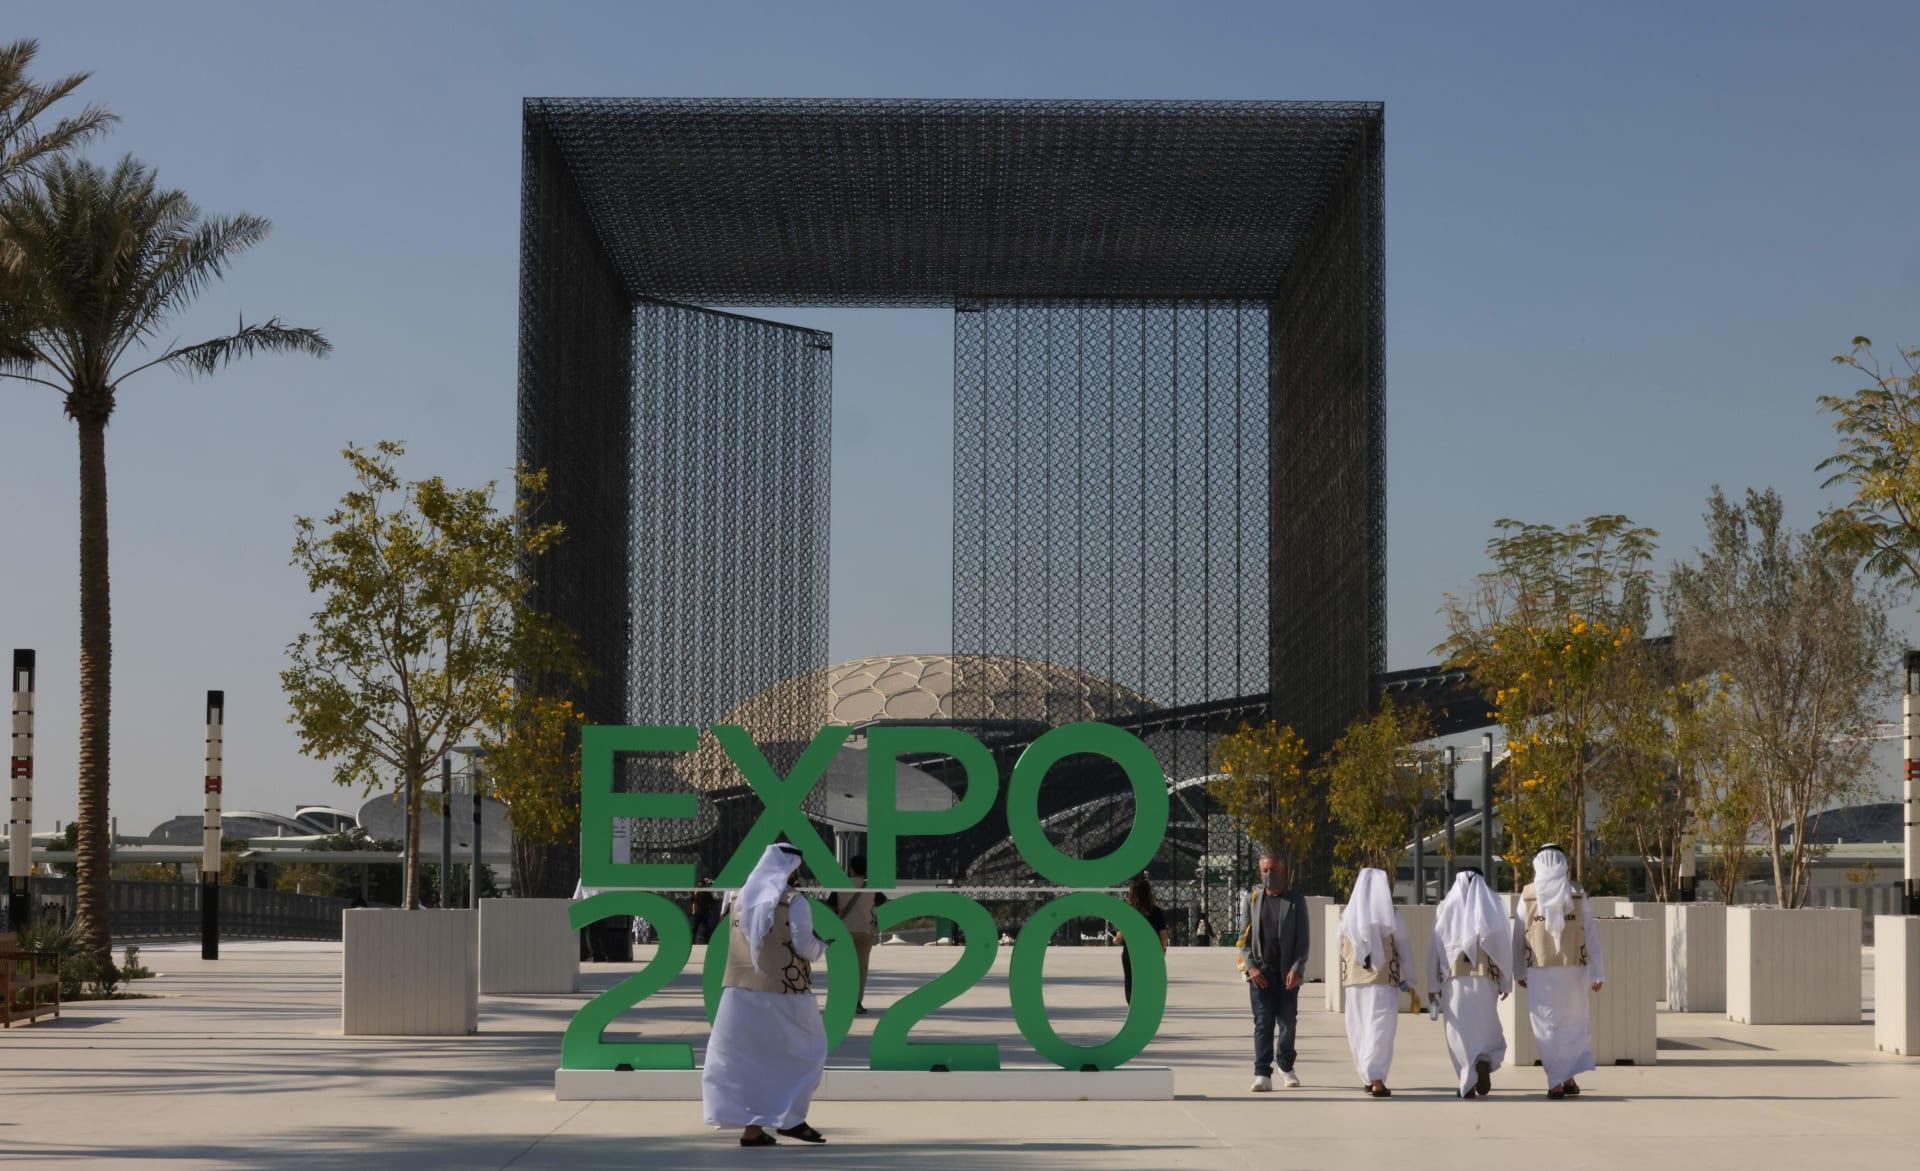 ما هي الإجراءات التي سيعتمدها إكسبو 2020 دبي لضمان تجربة آمنة للزوار؟